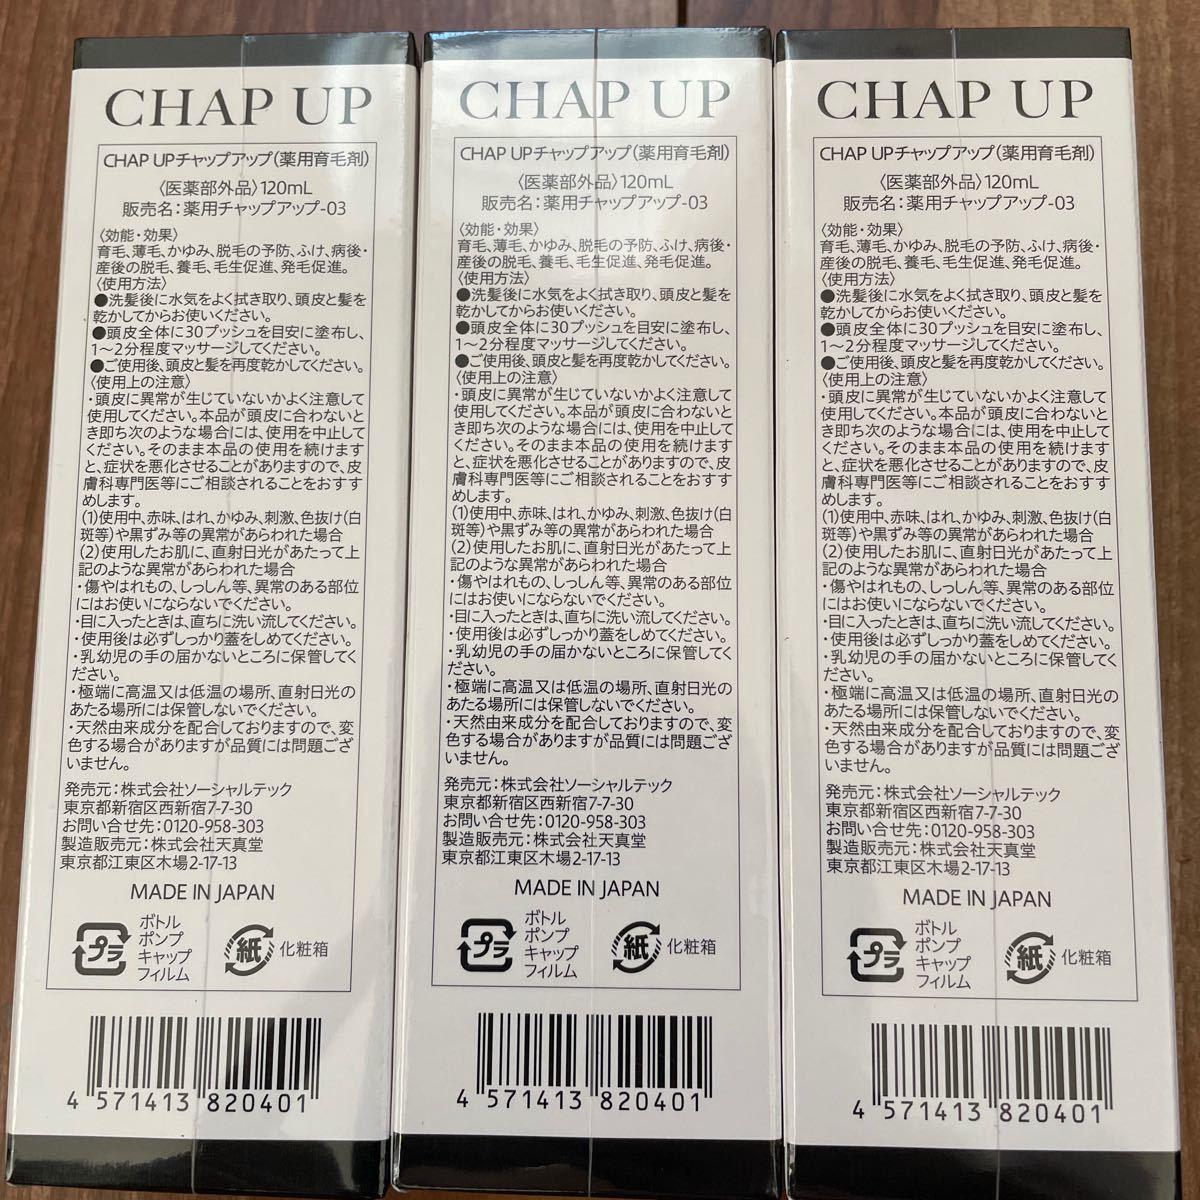 チャップアップ CHAPUP 育毛ローション 120ml 育毛剤 3本 セット